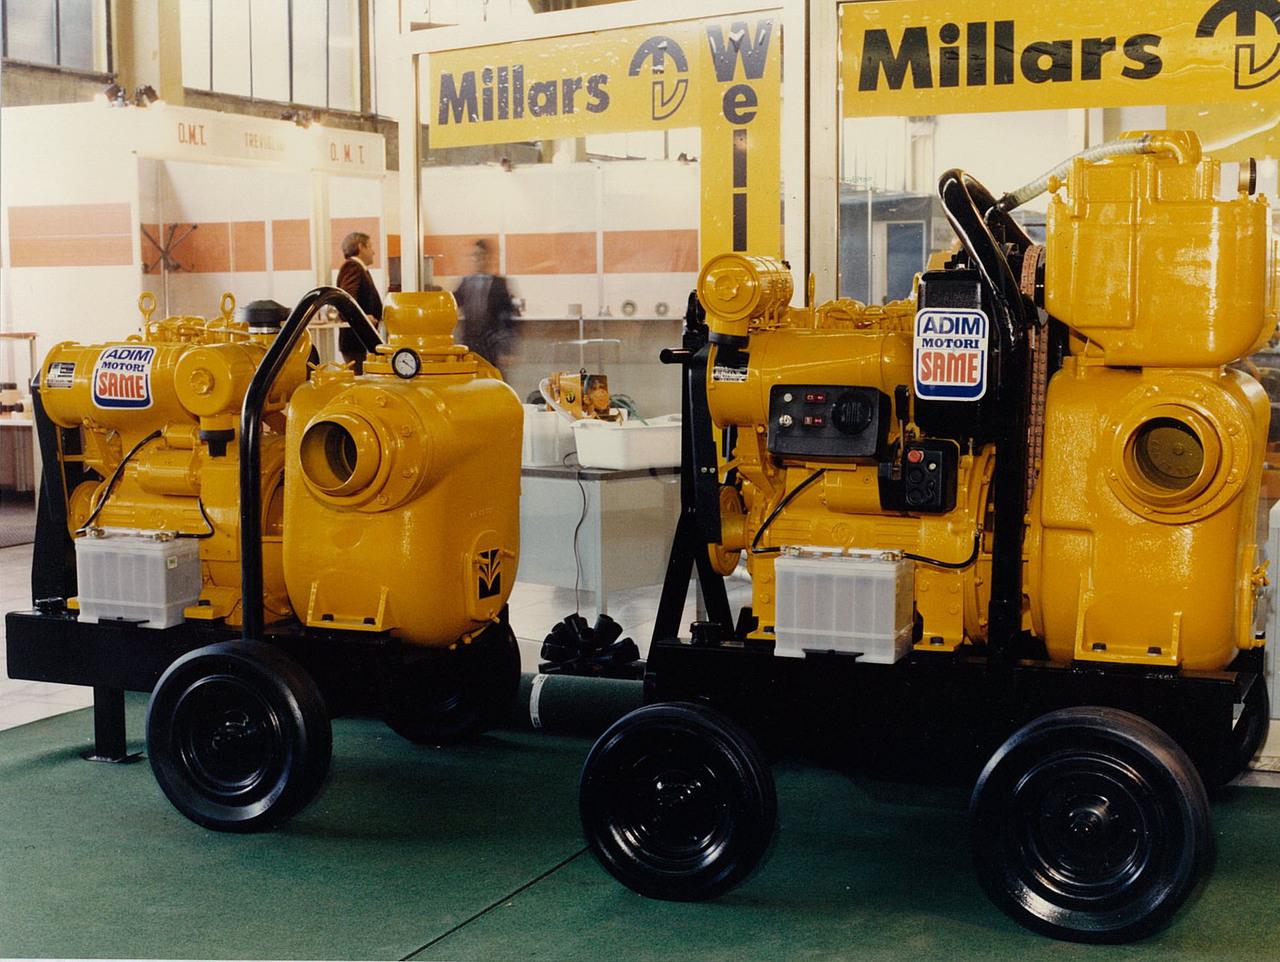 Motori ADIM per pompe centrifughe autoadescanti